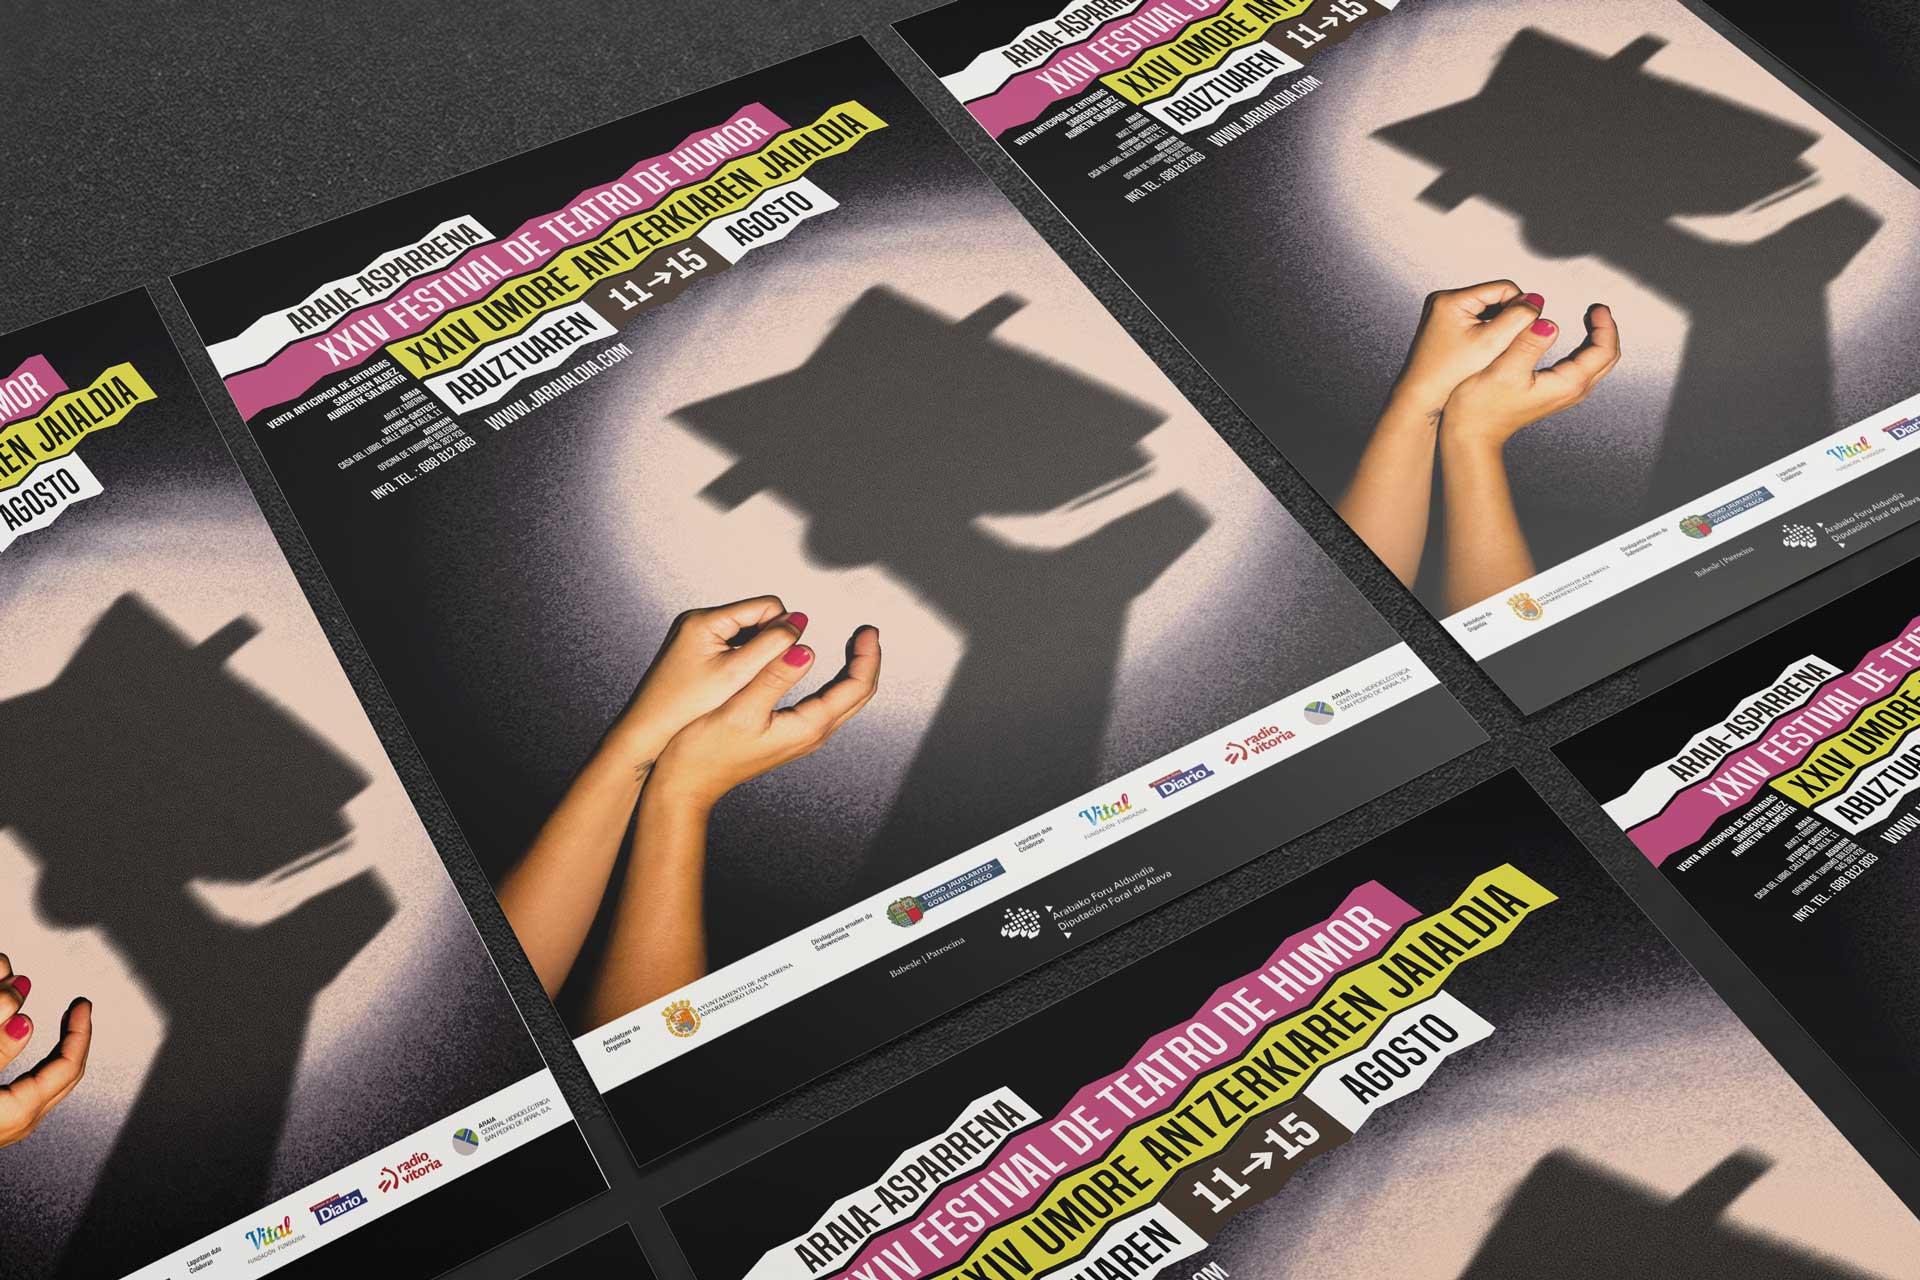 diseño publicidad campañas